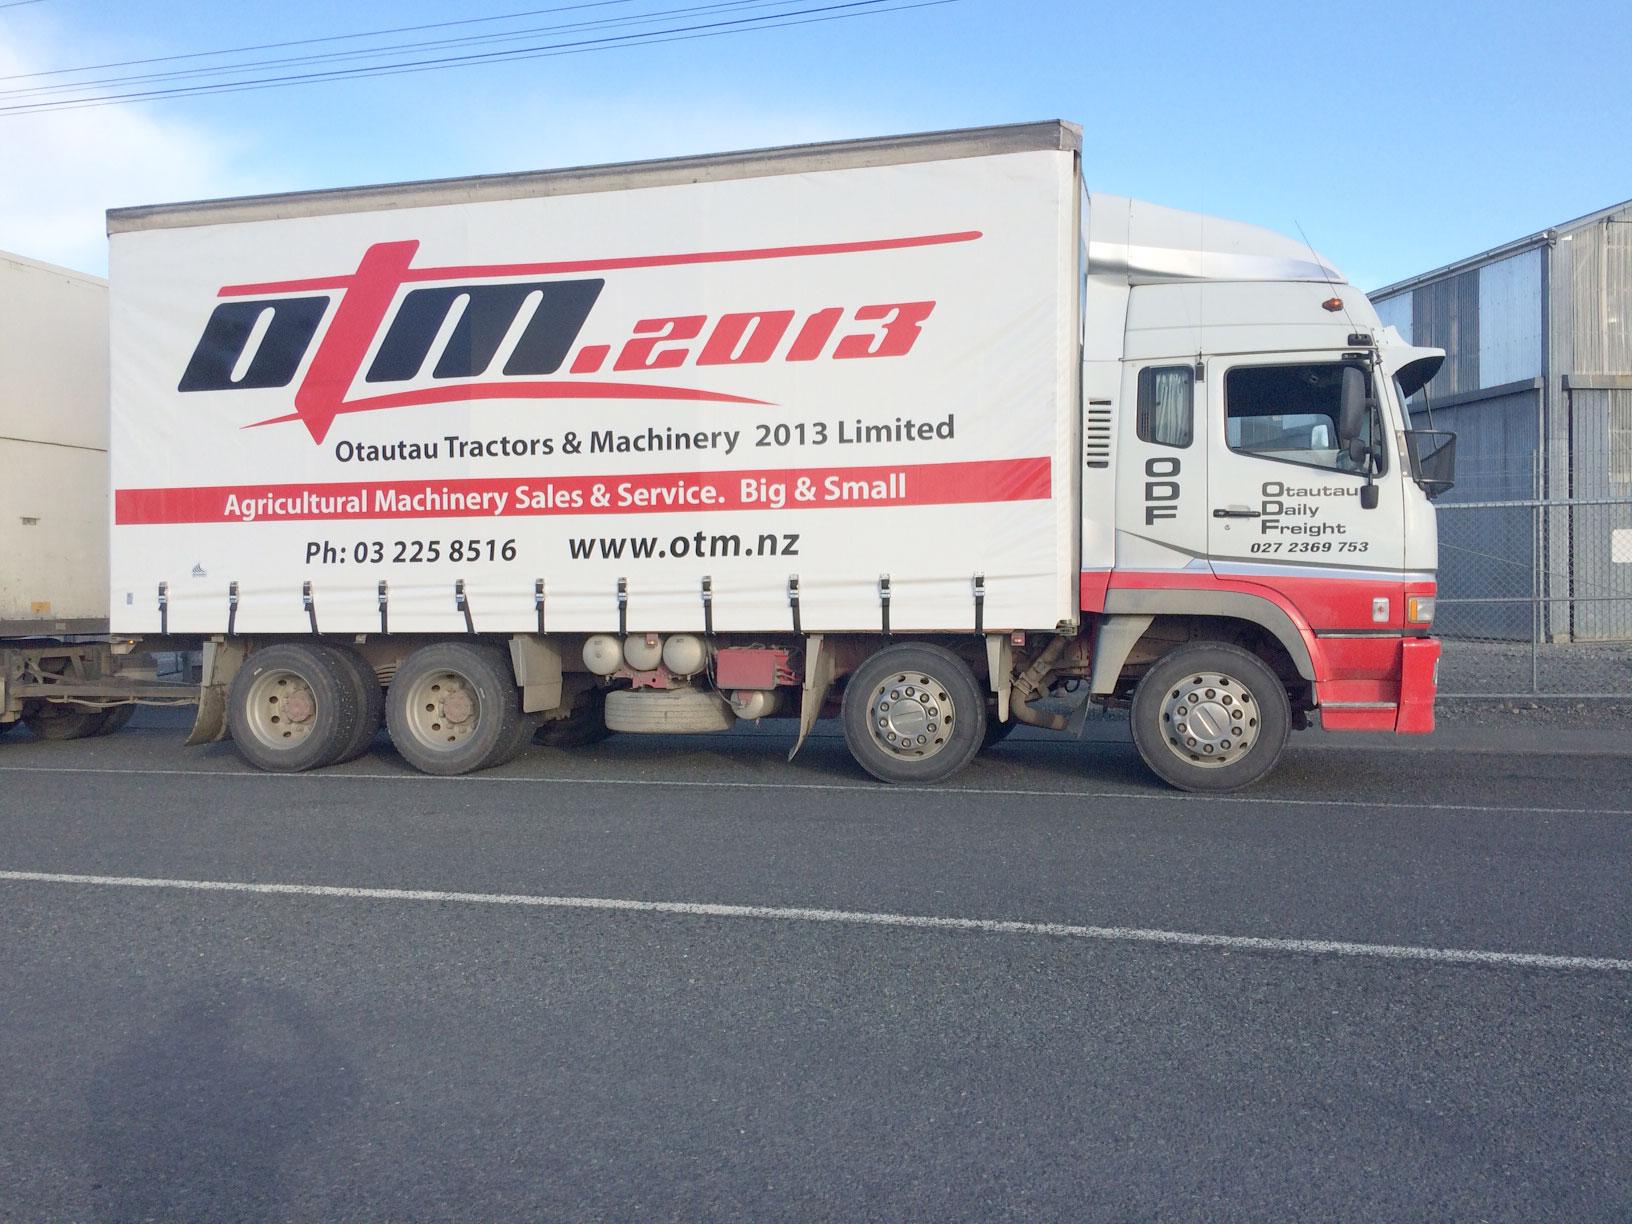 OTM Truck banner